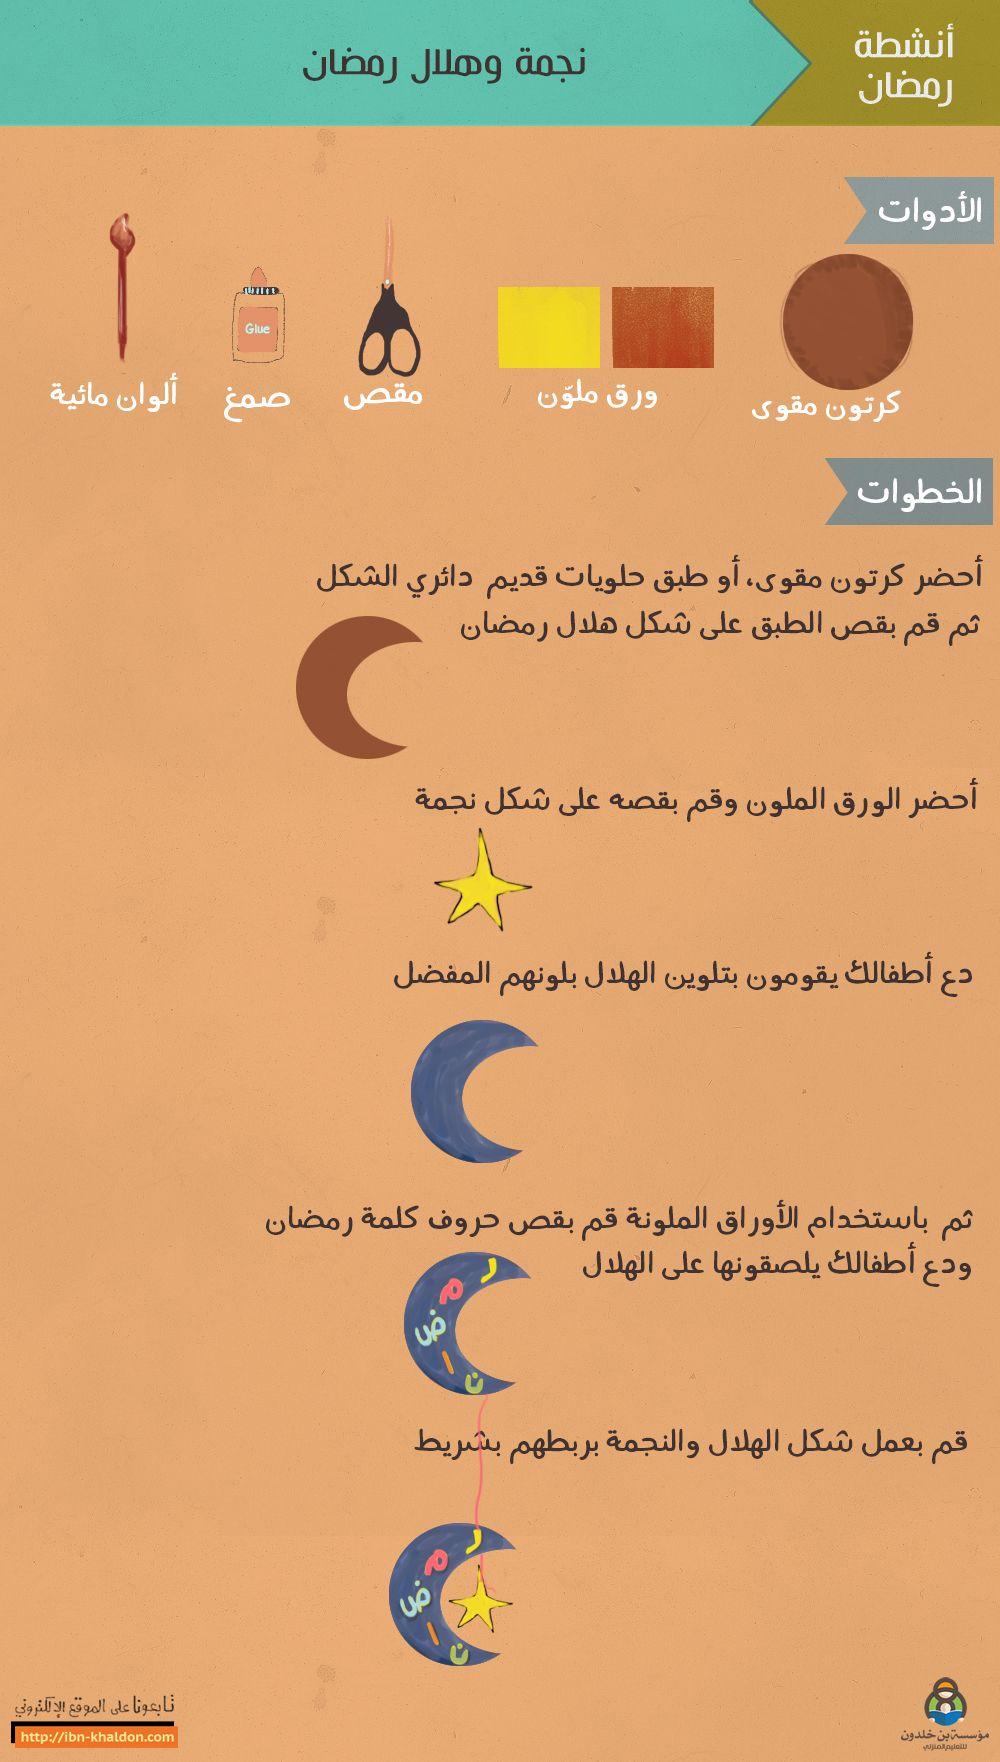 ادوات رمضان